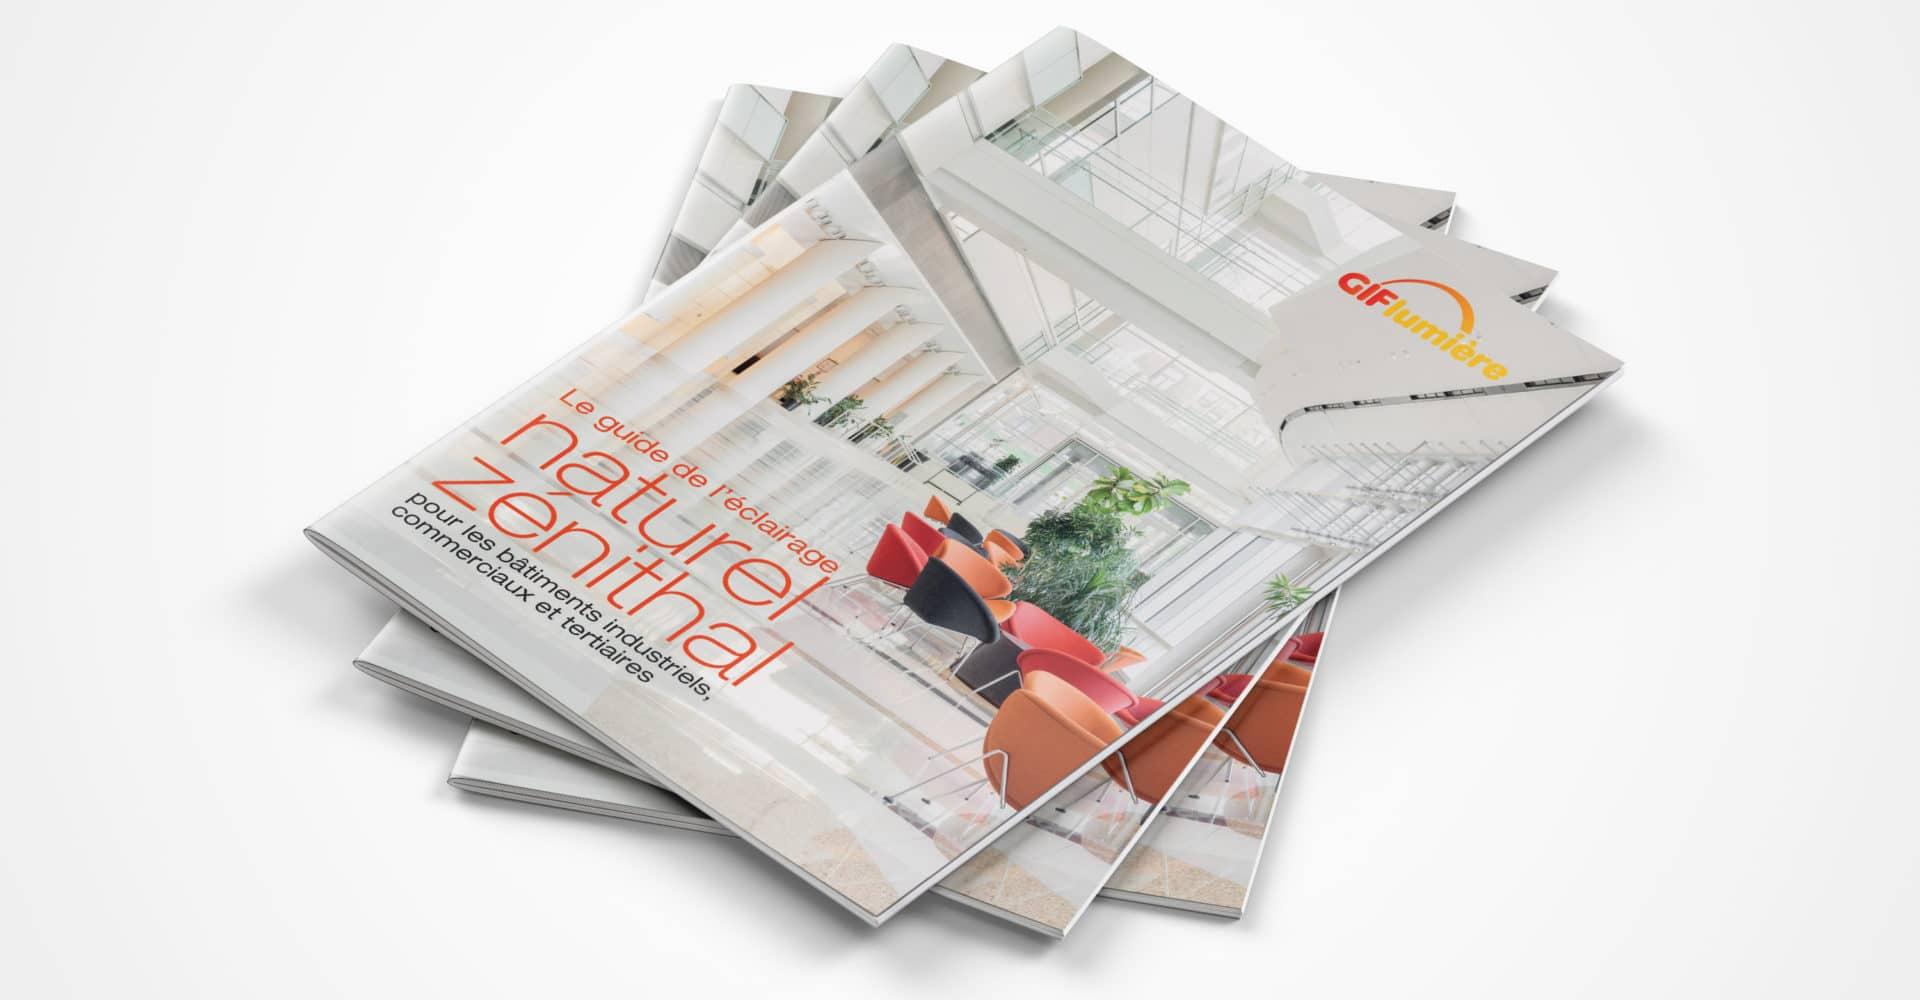 Création couv livre Blanc pour la campagne BtoB de promotion de la lumière et de l'éclairage zénithal, Gif lumière, réalisation par l'agence de communication 360 Siouxe, à Paris.